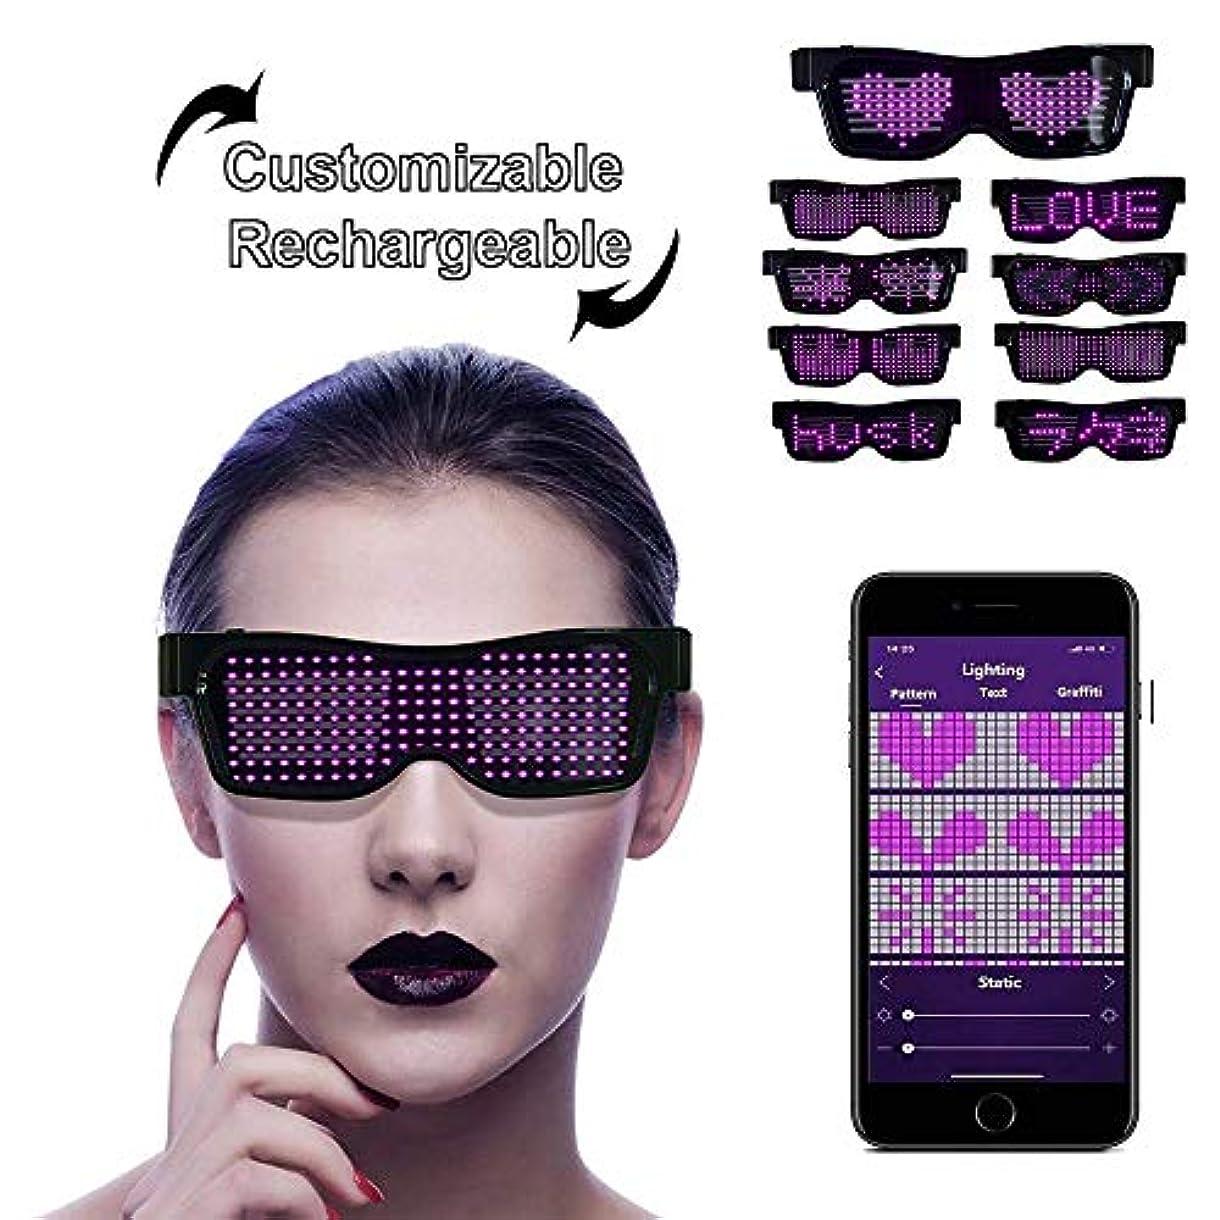 儀式泣くそしてLEDサングラス, LEDメガネ ブルートゥースLEDパーティーメガネカスタマイズ可能なLEDメガネUSB充電式9モードワイヤレス点滅LEDディスプレイ、フェスティバル用グロー眼鏡レイヴパーティー